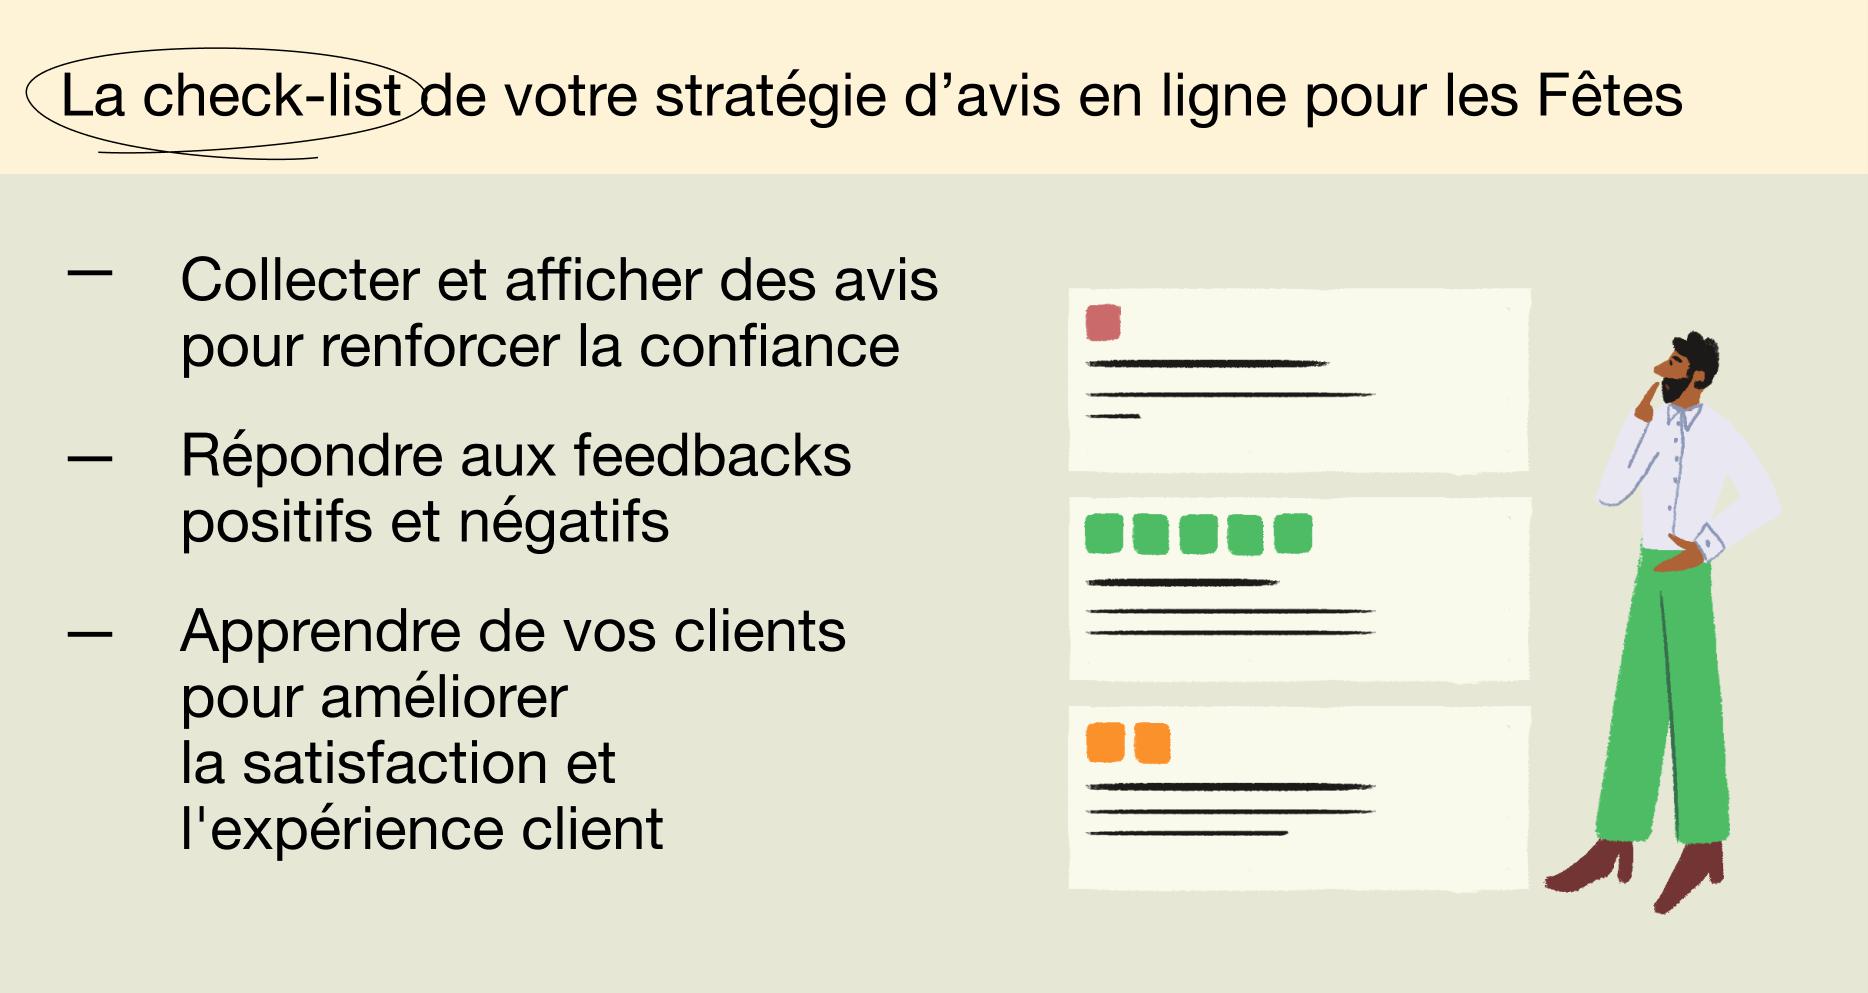 FR - Holiday report 2021 - La check-list de votre stratégie d'avis en ligne pour les Fêtes